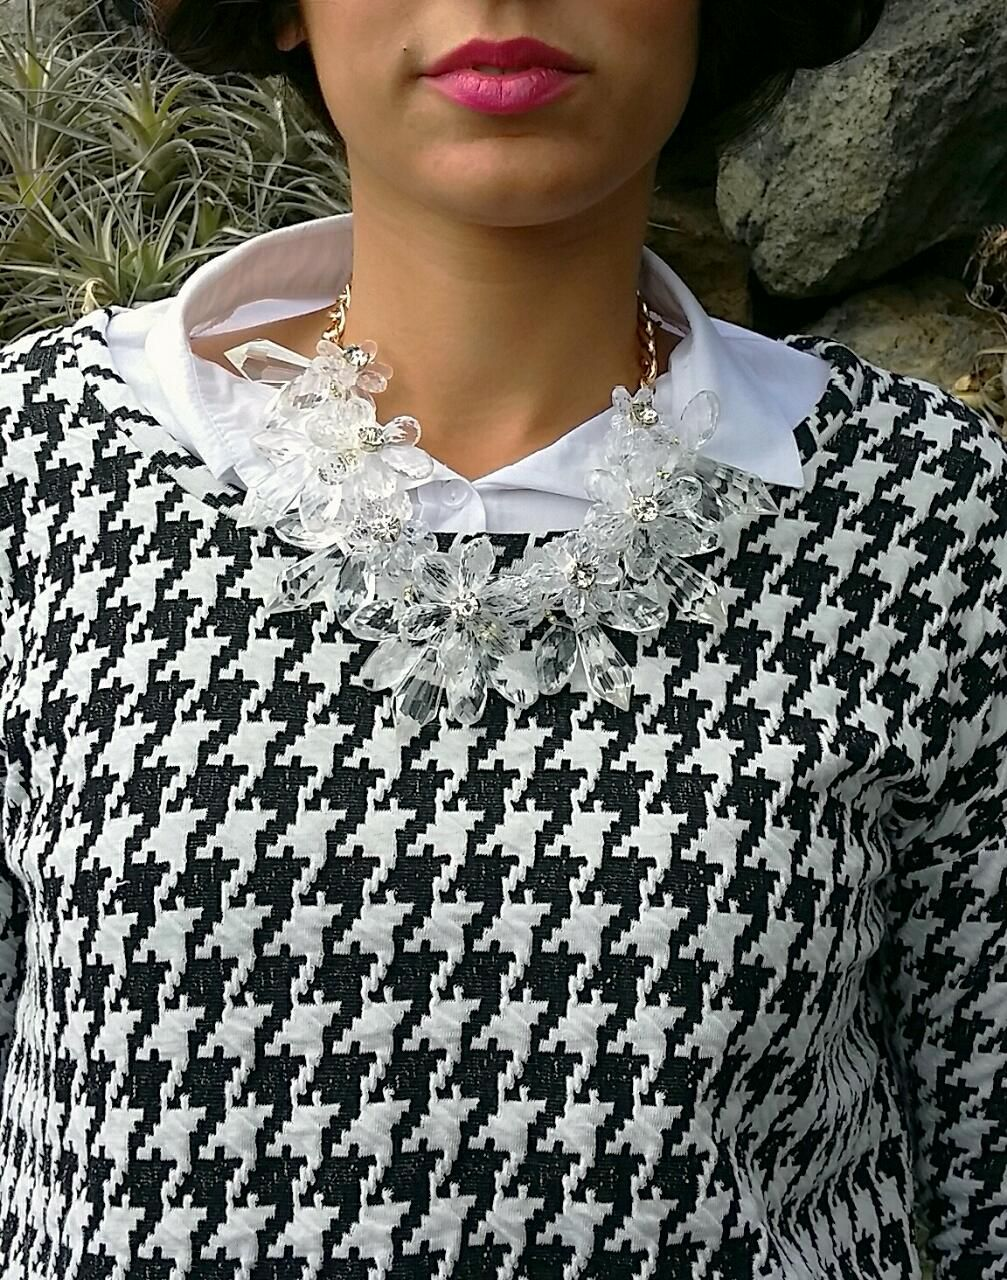 Me encanta este collar. últimamente se me van los ojos a todo lo que tenga que ver con las transparencias me encantan.